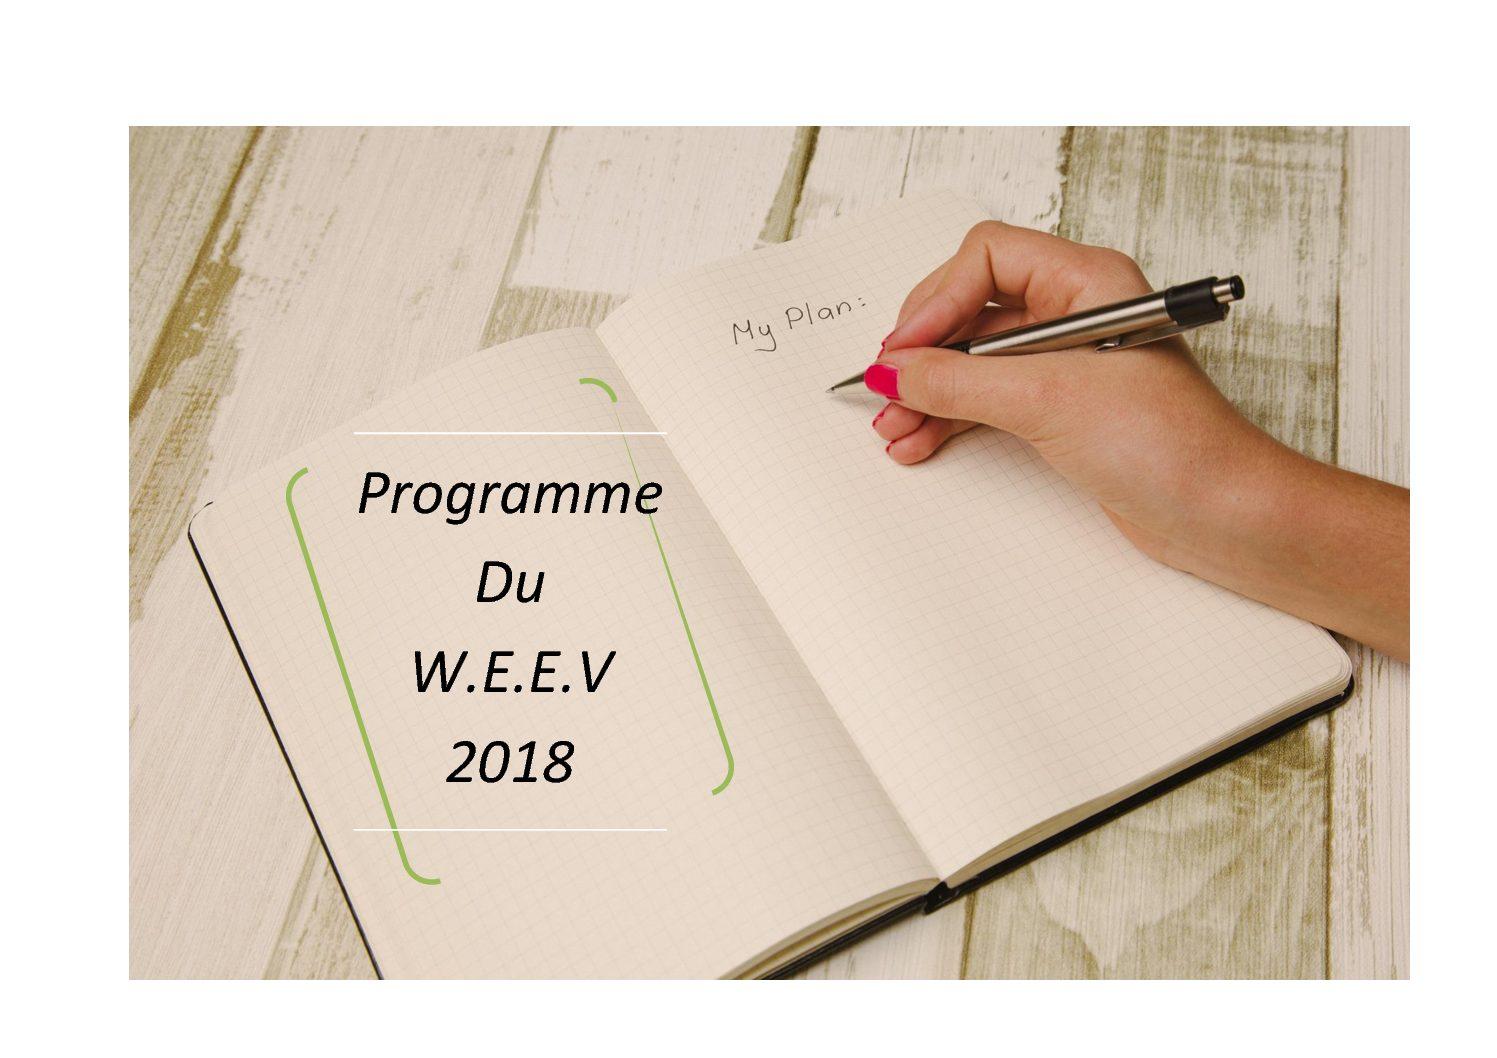 Programme du Week-end Espérance et Vie (W.E.E.V)